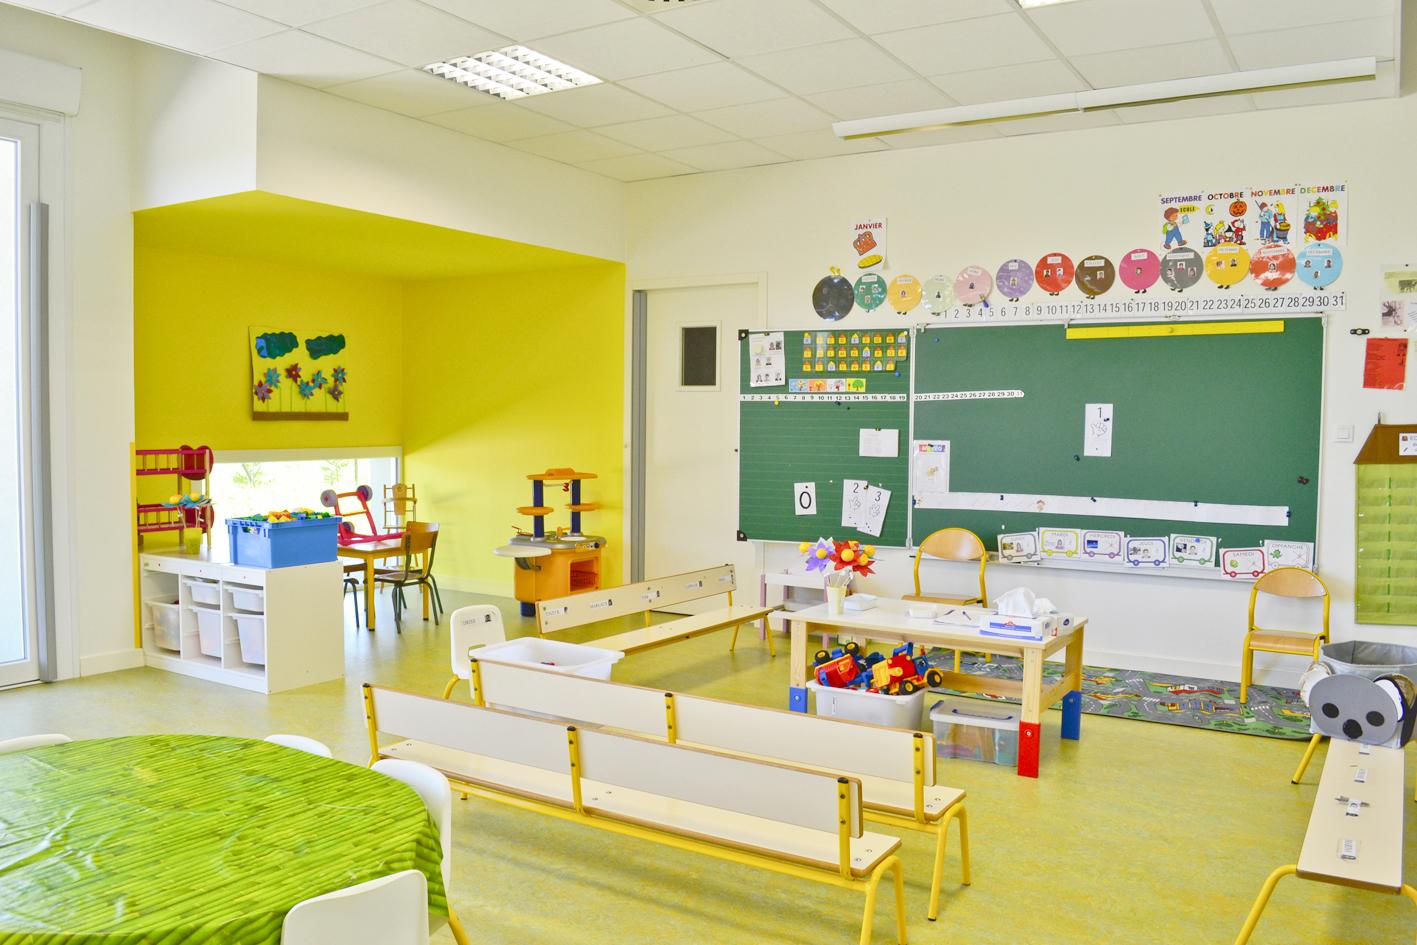 Ecole maternelle tria - Image d ecole maternelle ...